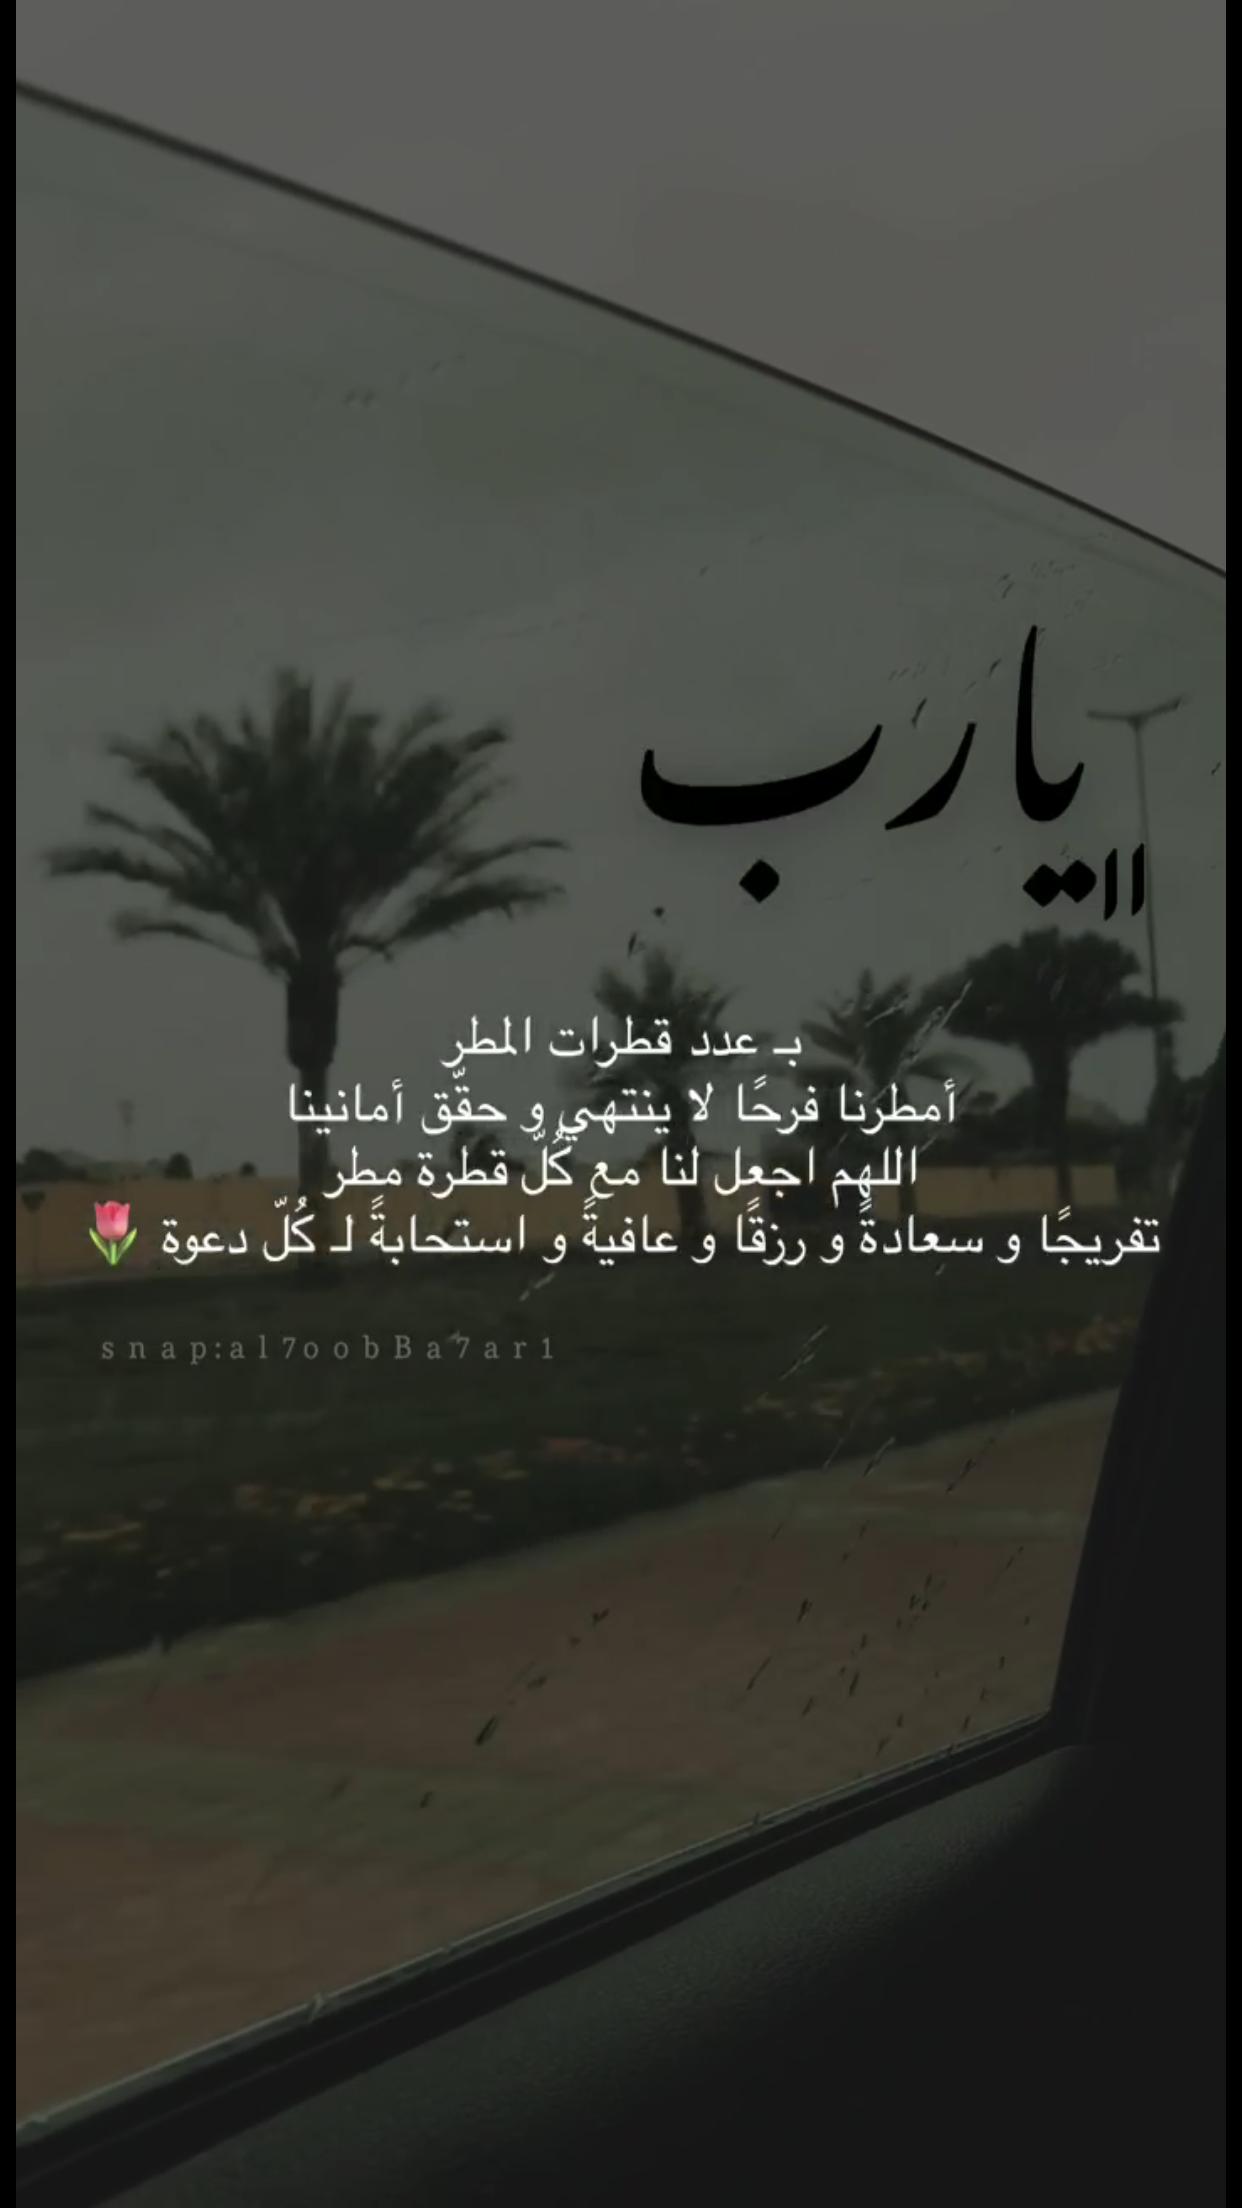 همسة يا رب بـ عدد قطرات المطر أمطرنا فرح ا لا ينتهي وحقق أمانينا اللهم اجعل لنا مع كل قطرة مطر تفري Circle Quotes Dad Quotes Islamic Inspirational Quotes